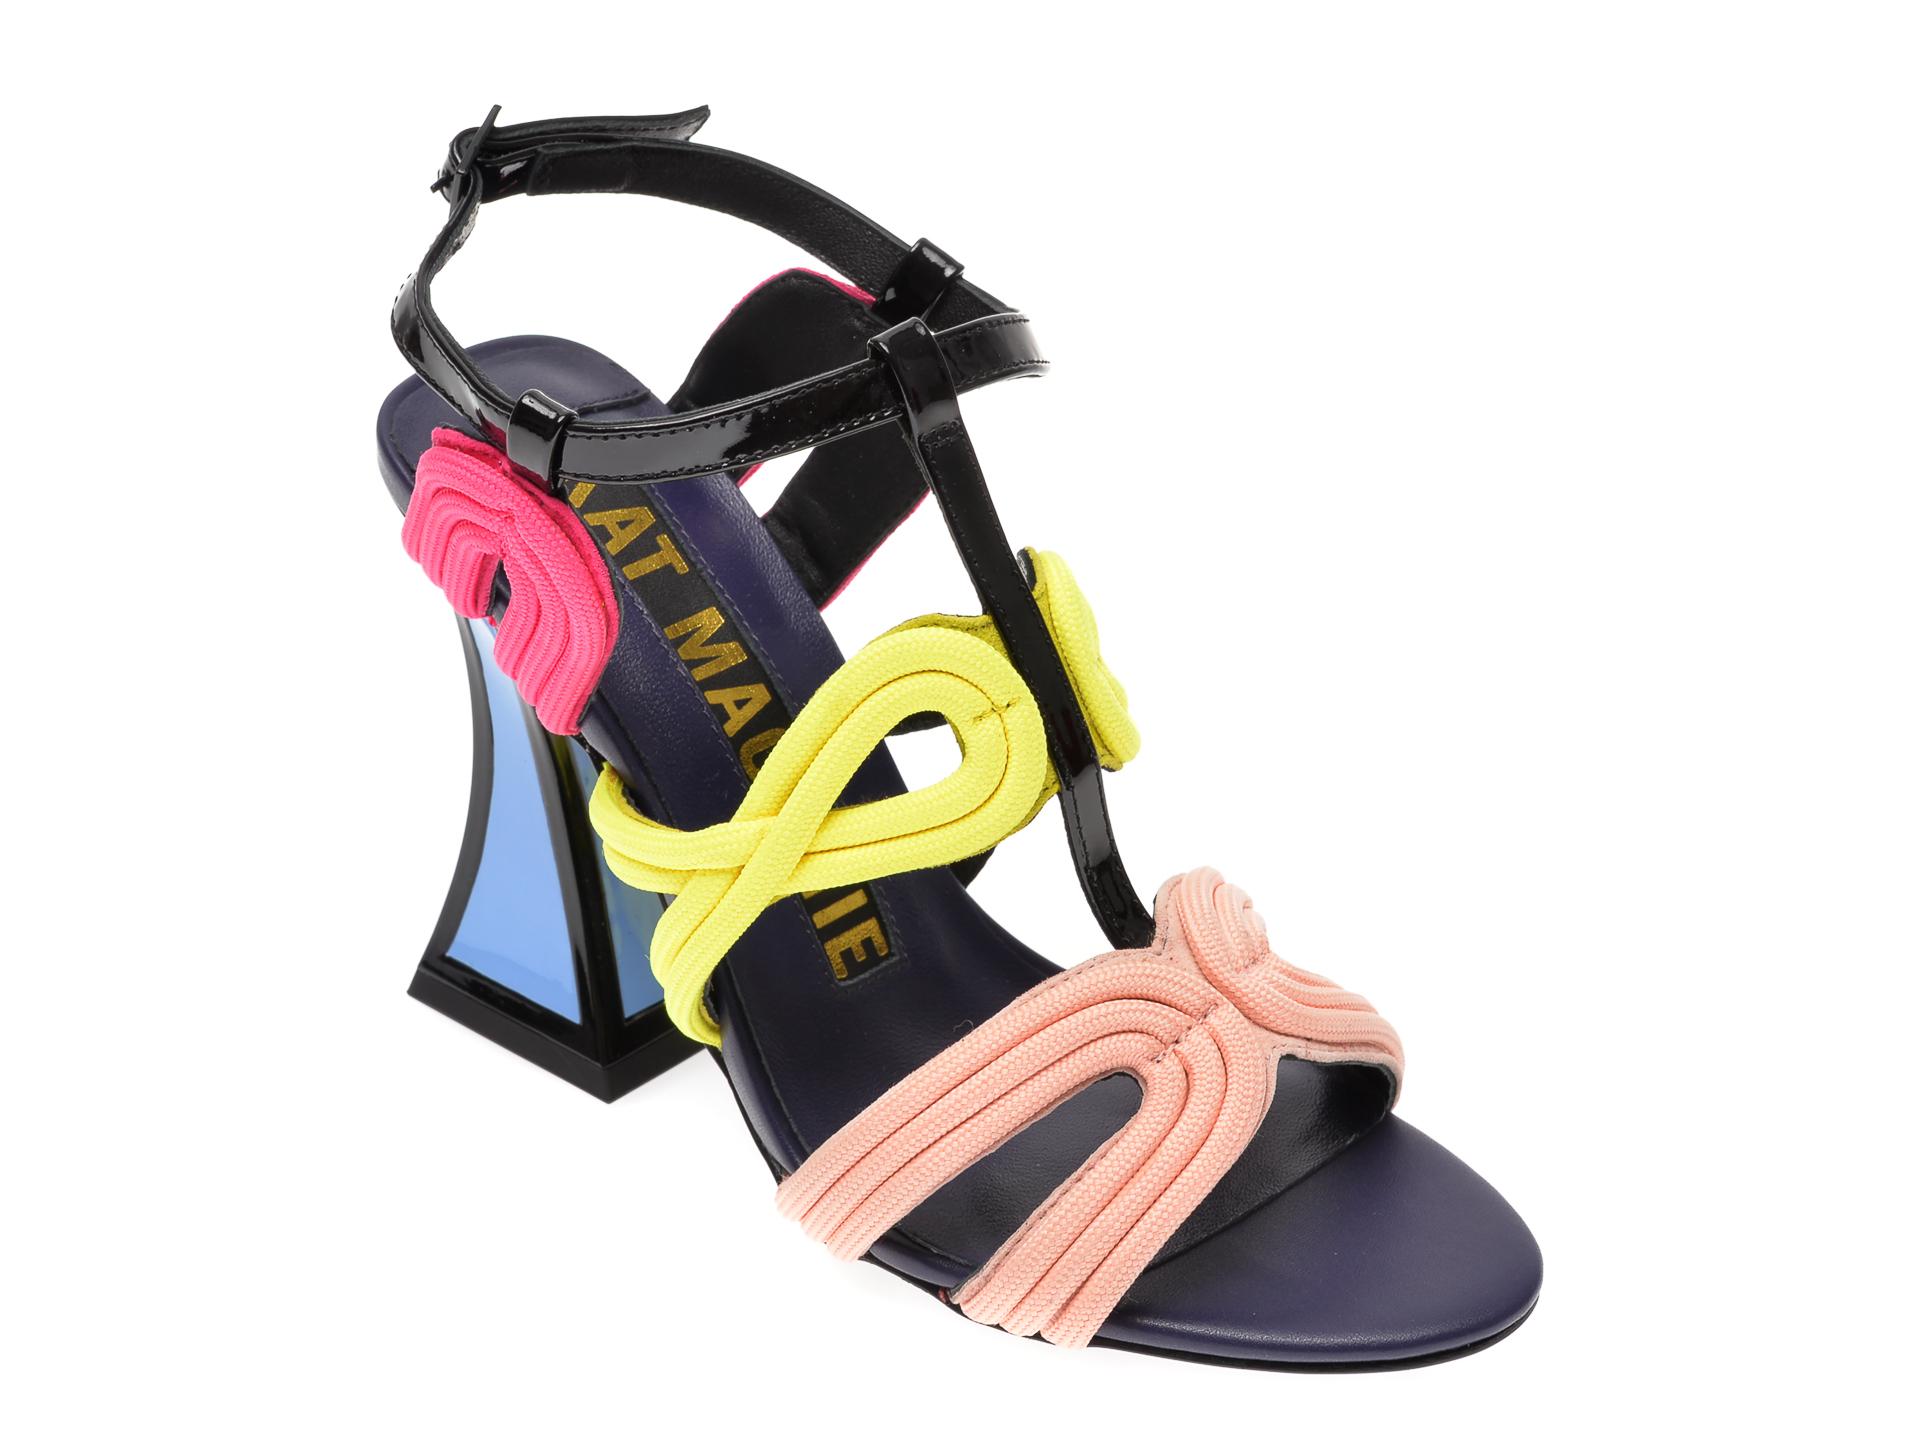 Sandale Kat Maconie Multicolor, Sissy, Din Piele Naturala